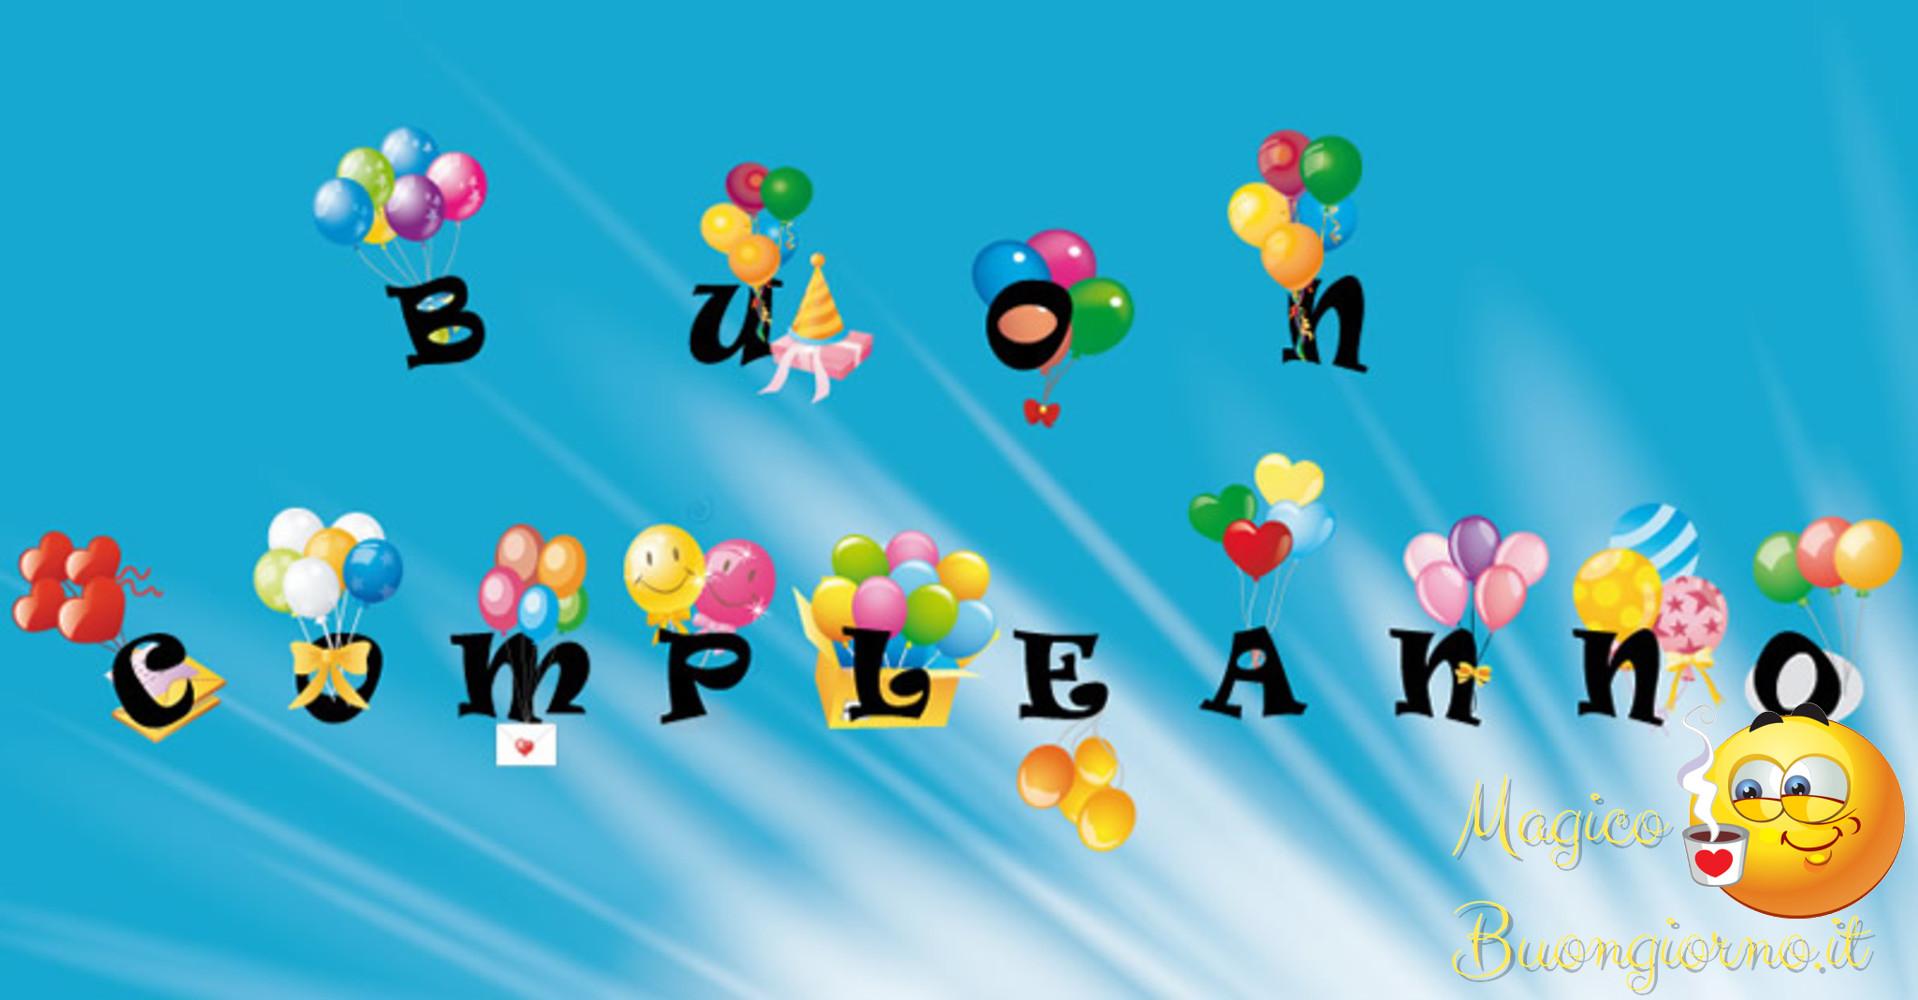 Immagini per Whatsapp Facebook Buon Compleanno 7